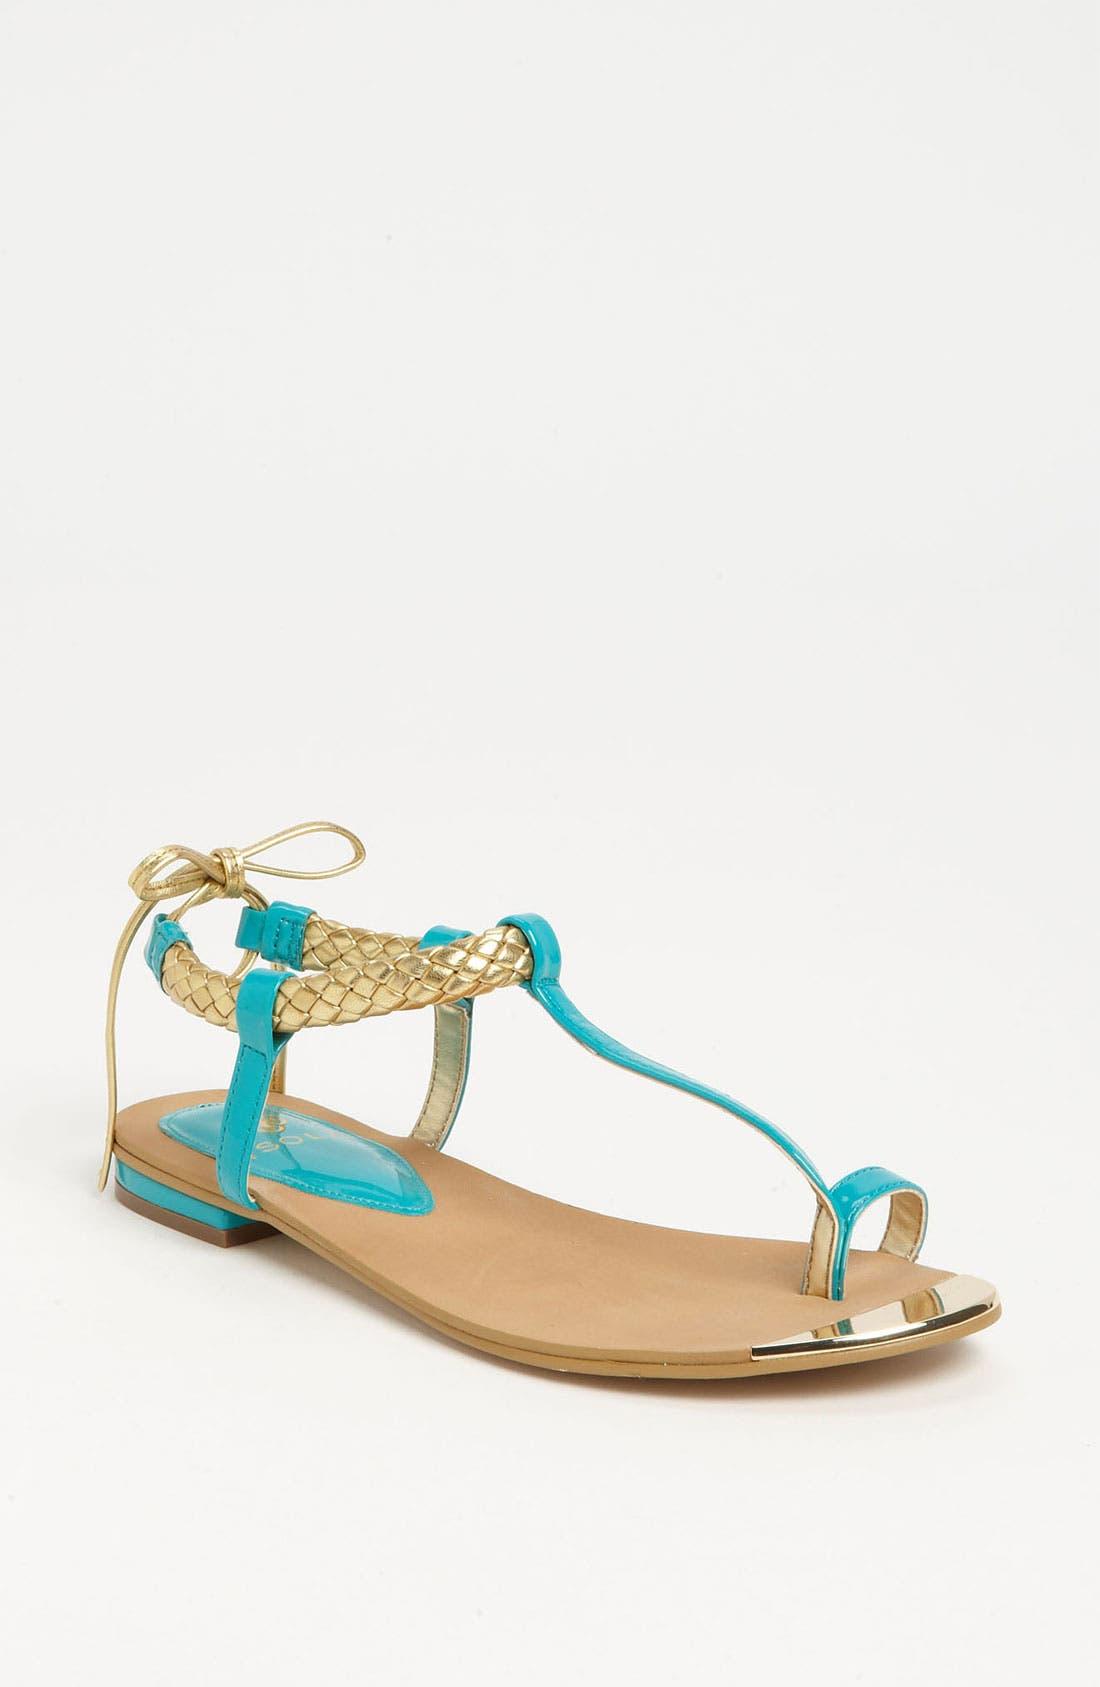 Alternate Image 1 Selected - Isolá 'Adena' Thong Sandal